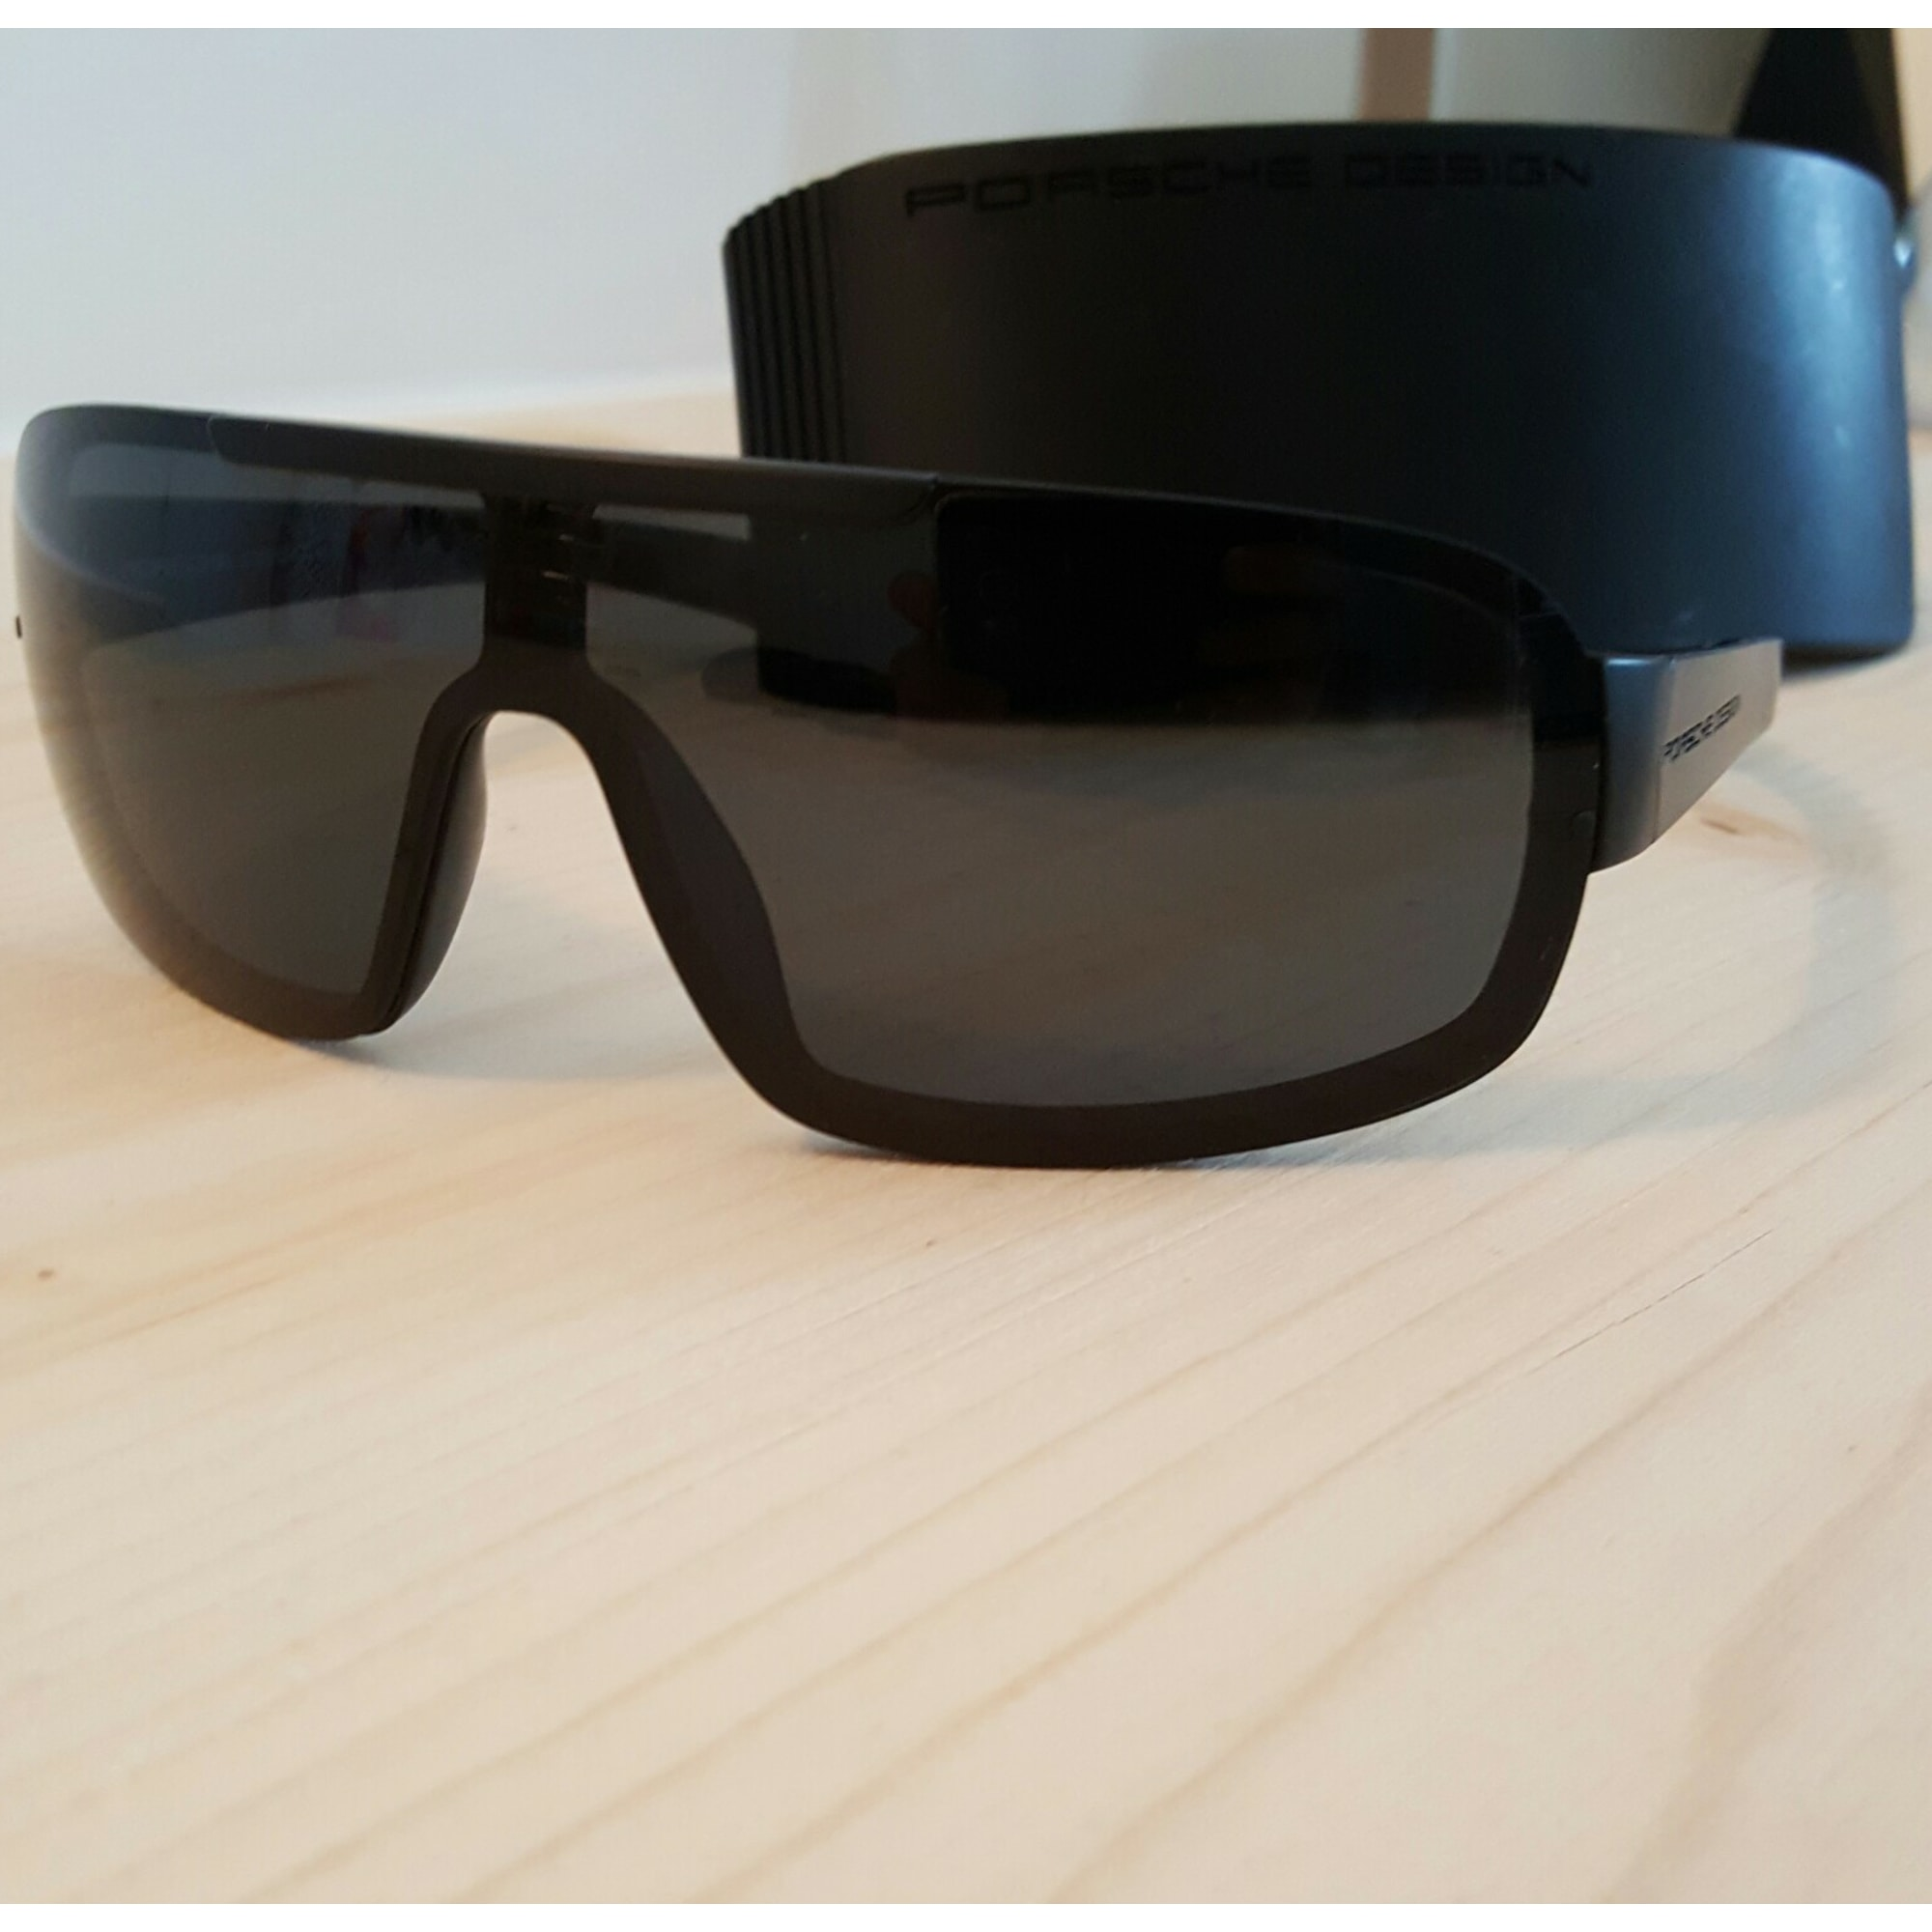 ccd228f6d79 Lunettes de soleil PORSCHE DESIGN noir vendu par Flashy méli - 4776599